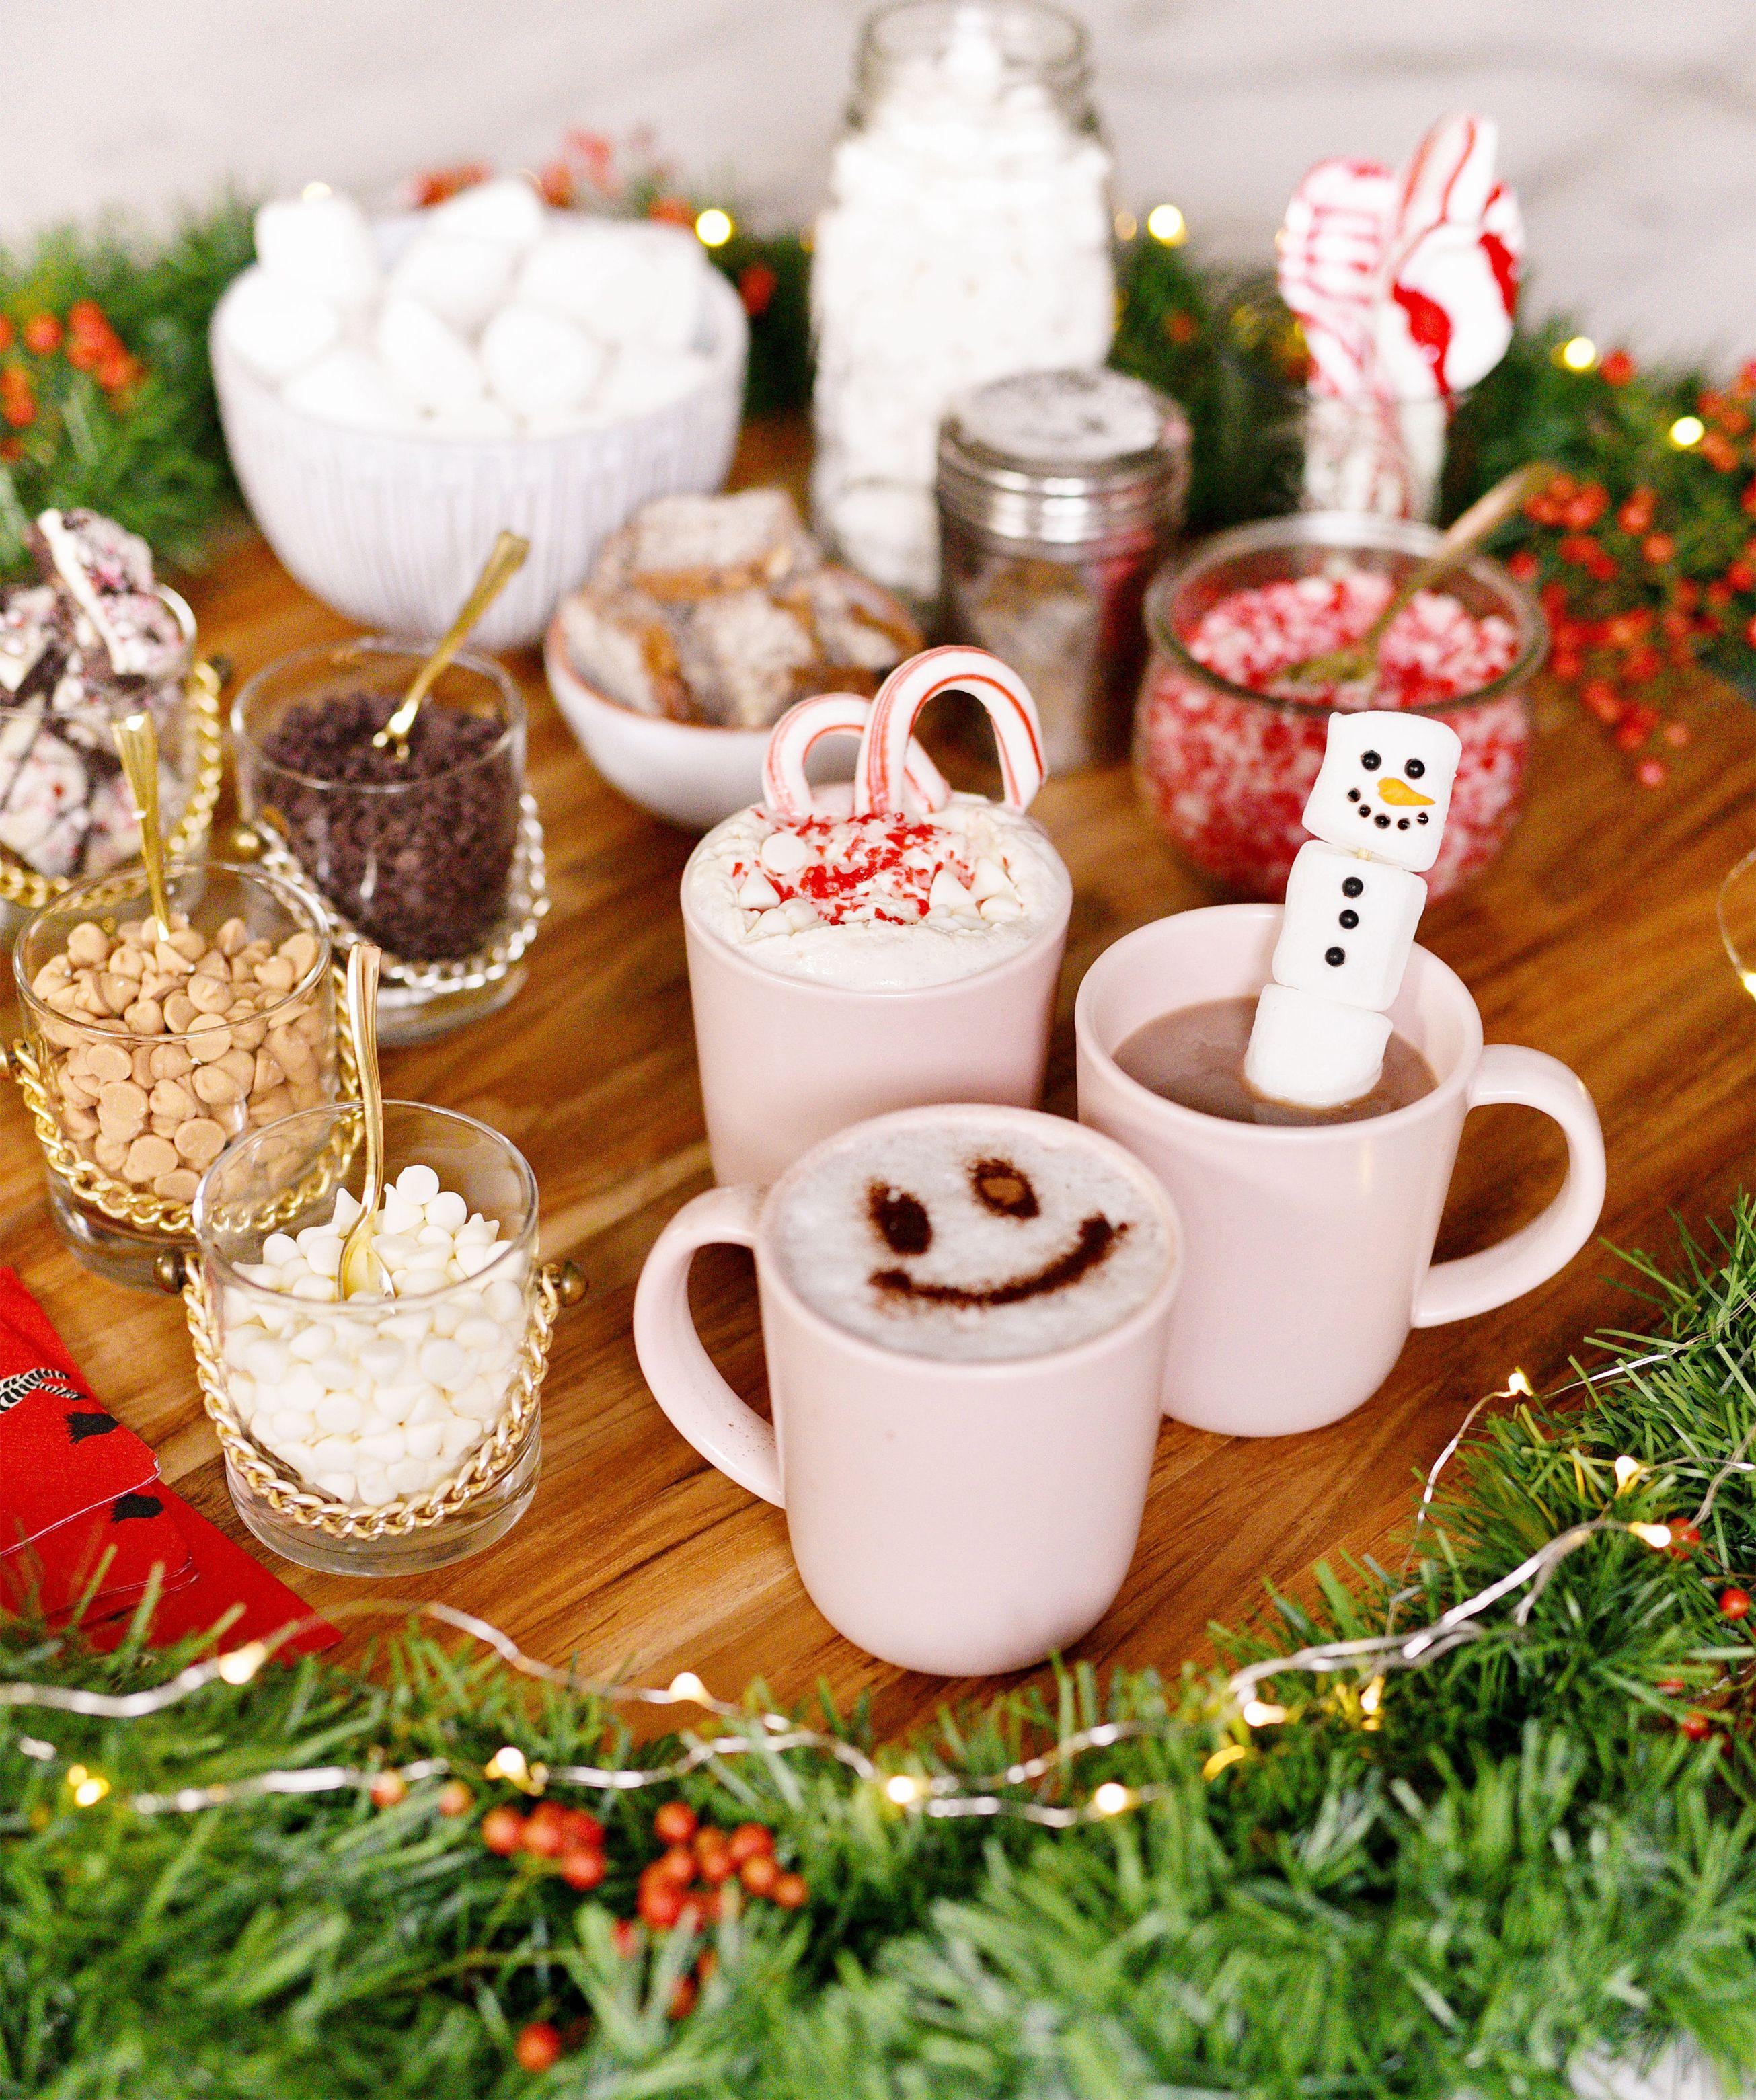 Diy hot cocoa bar ps i made this diy hot cocoa